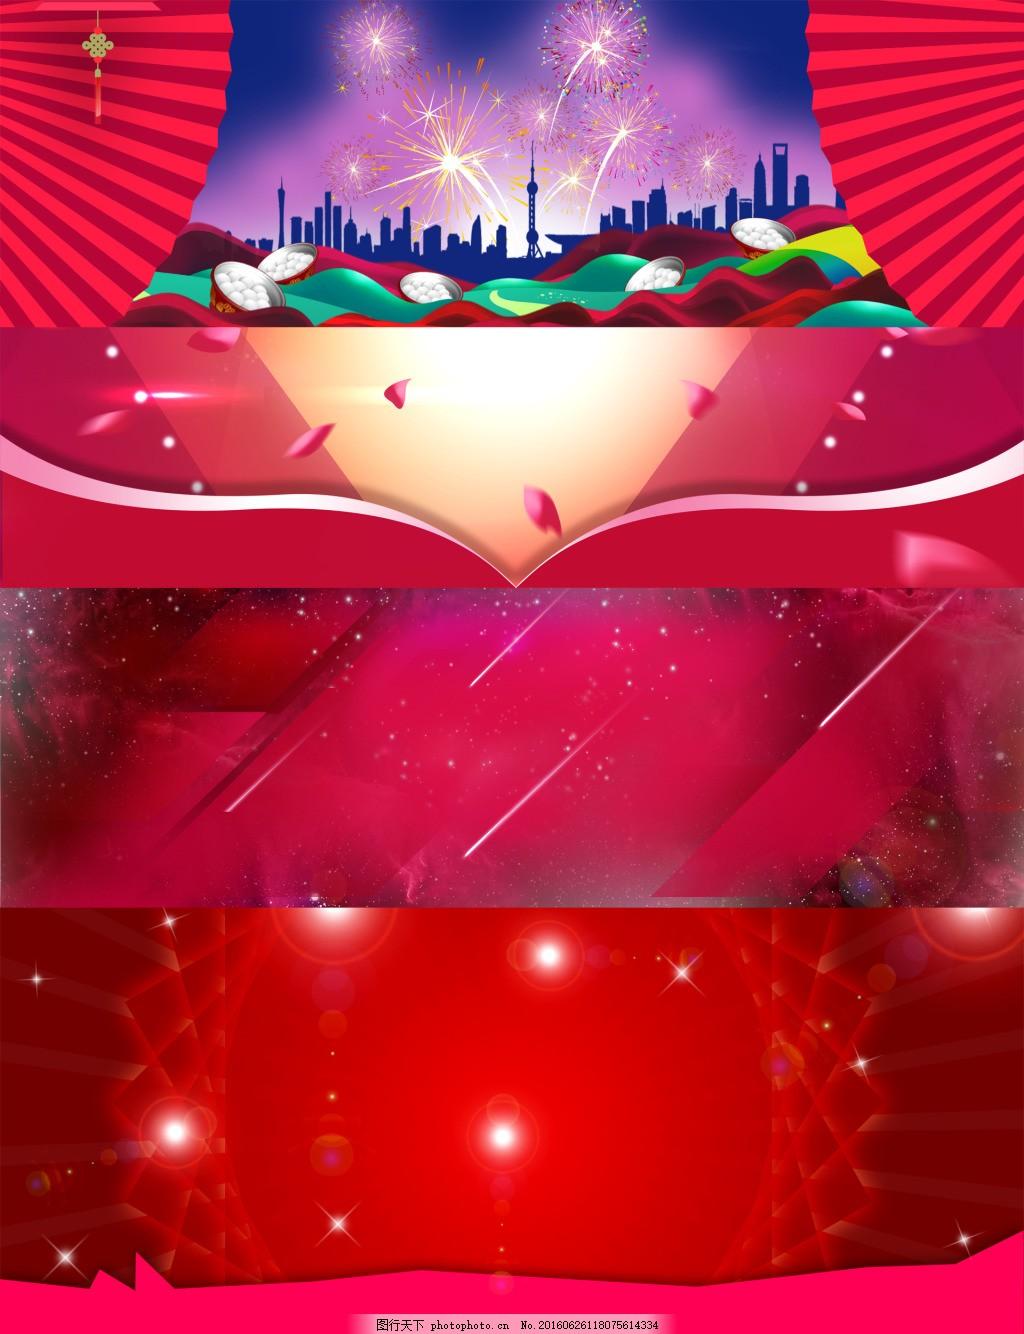 红色海报背景 海报设计 红色浪漫背景 喜庆海报 心形 下载 舞台背景